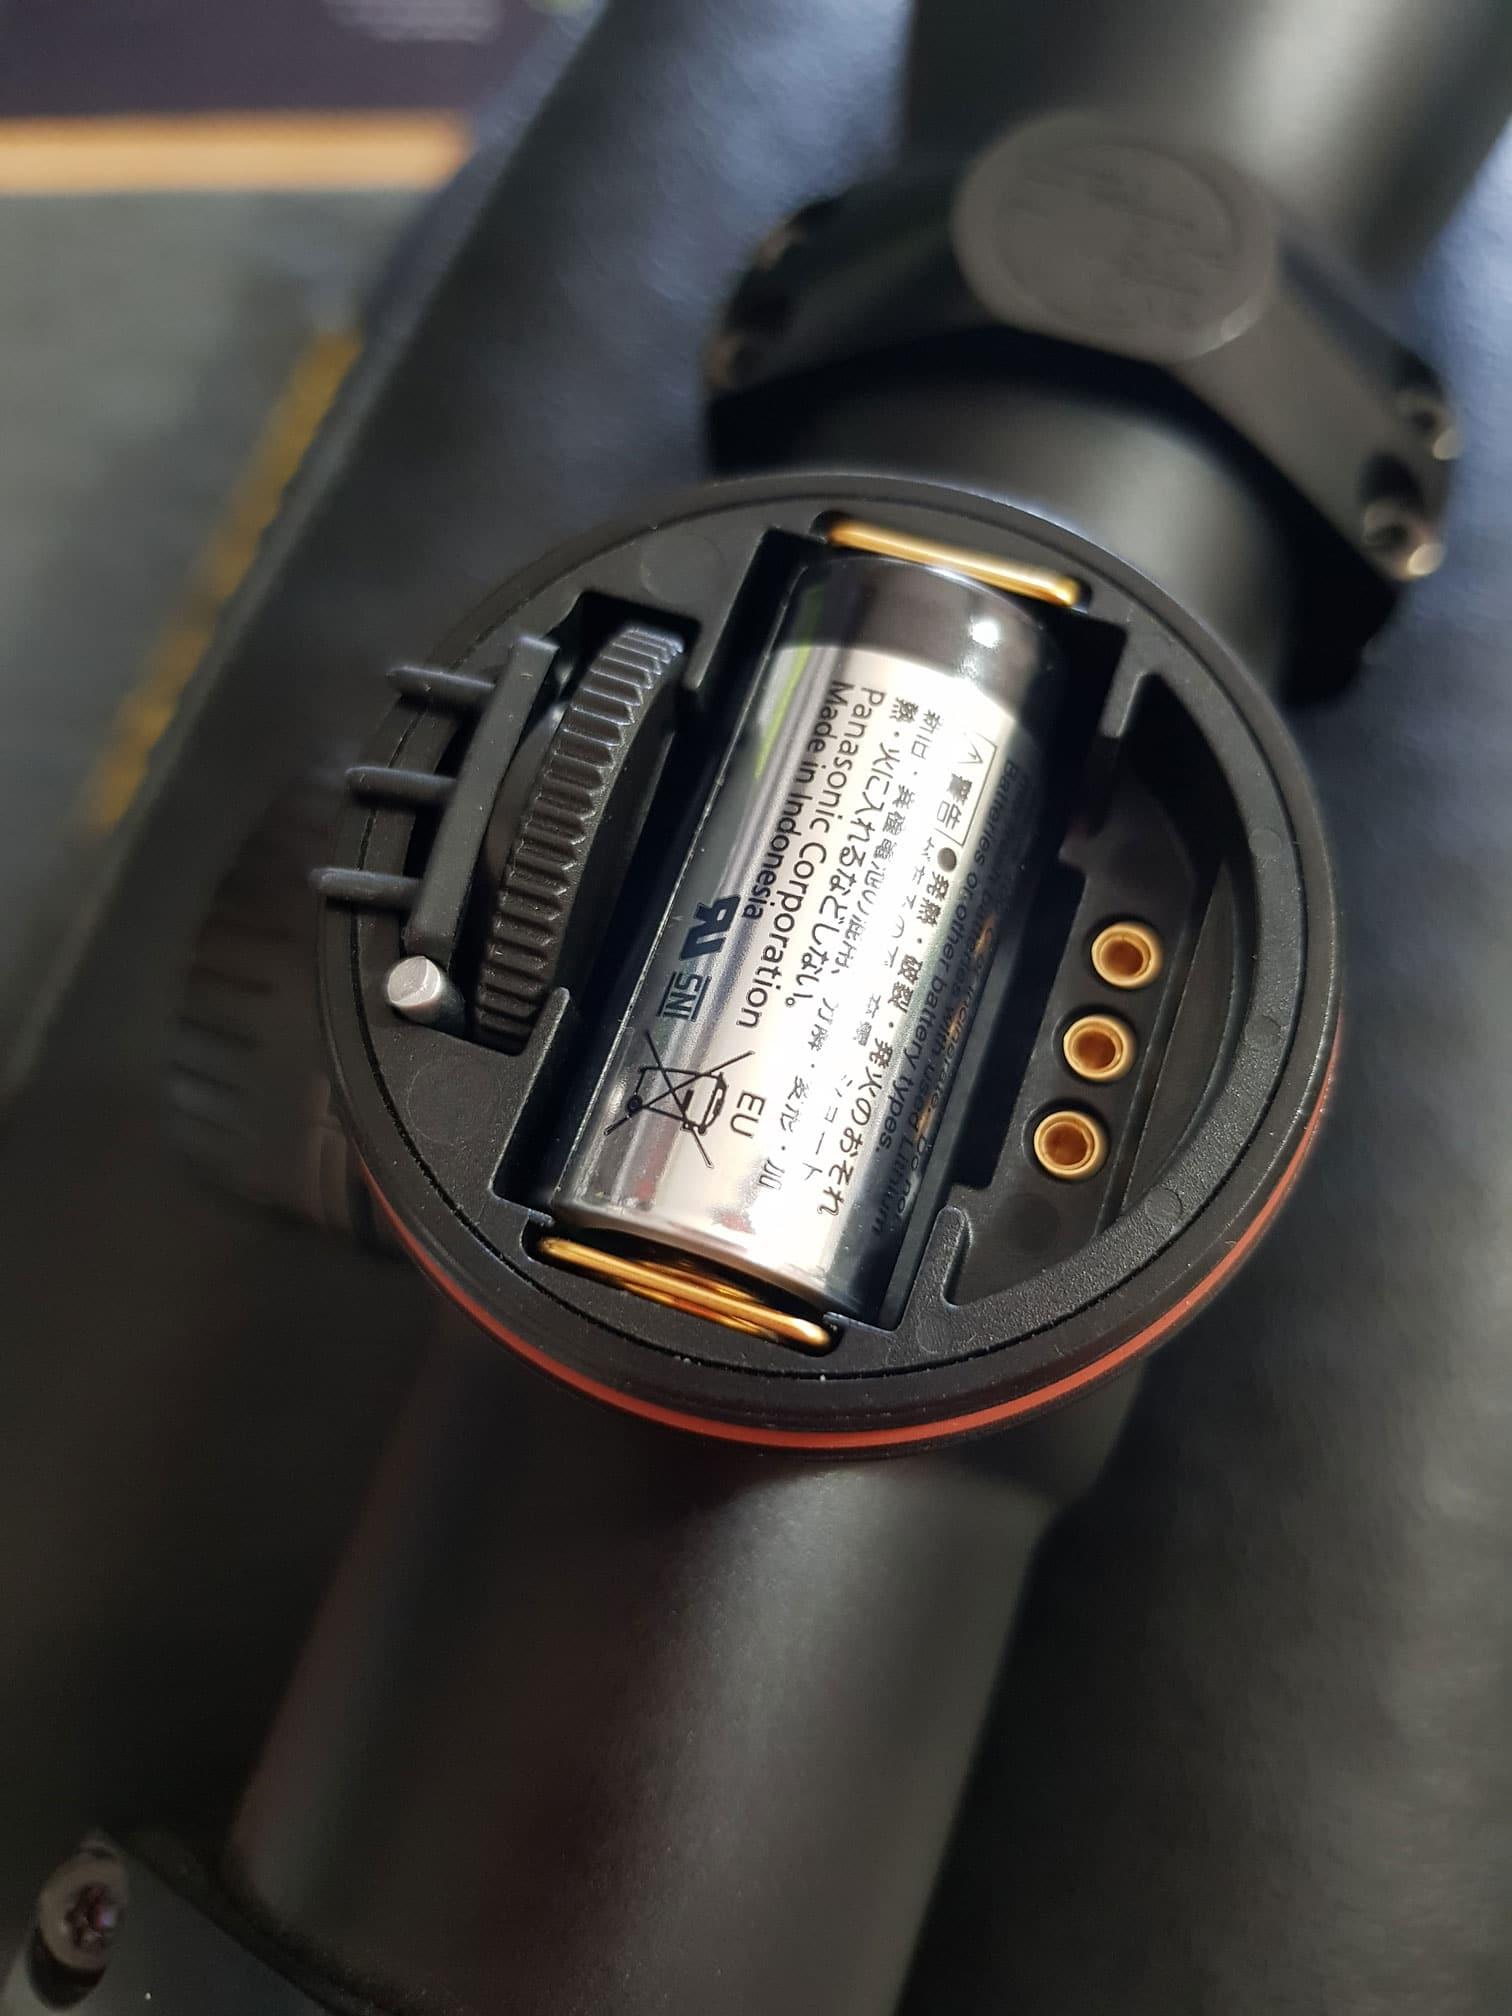 Swarovski dS, The Swarovski dS – Scope, rangefinder, ballistic solver.